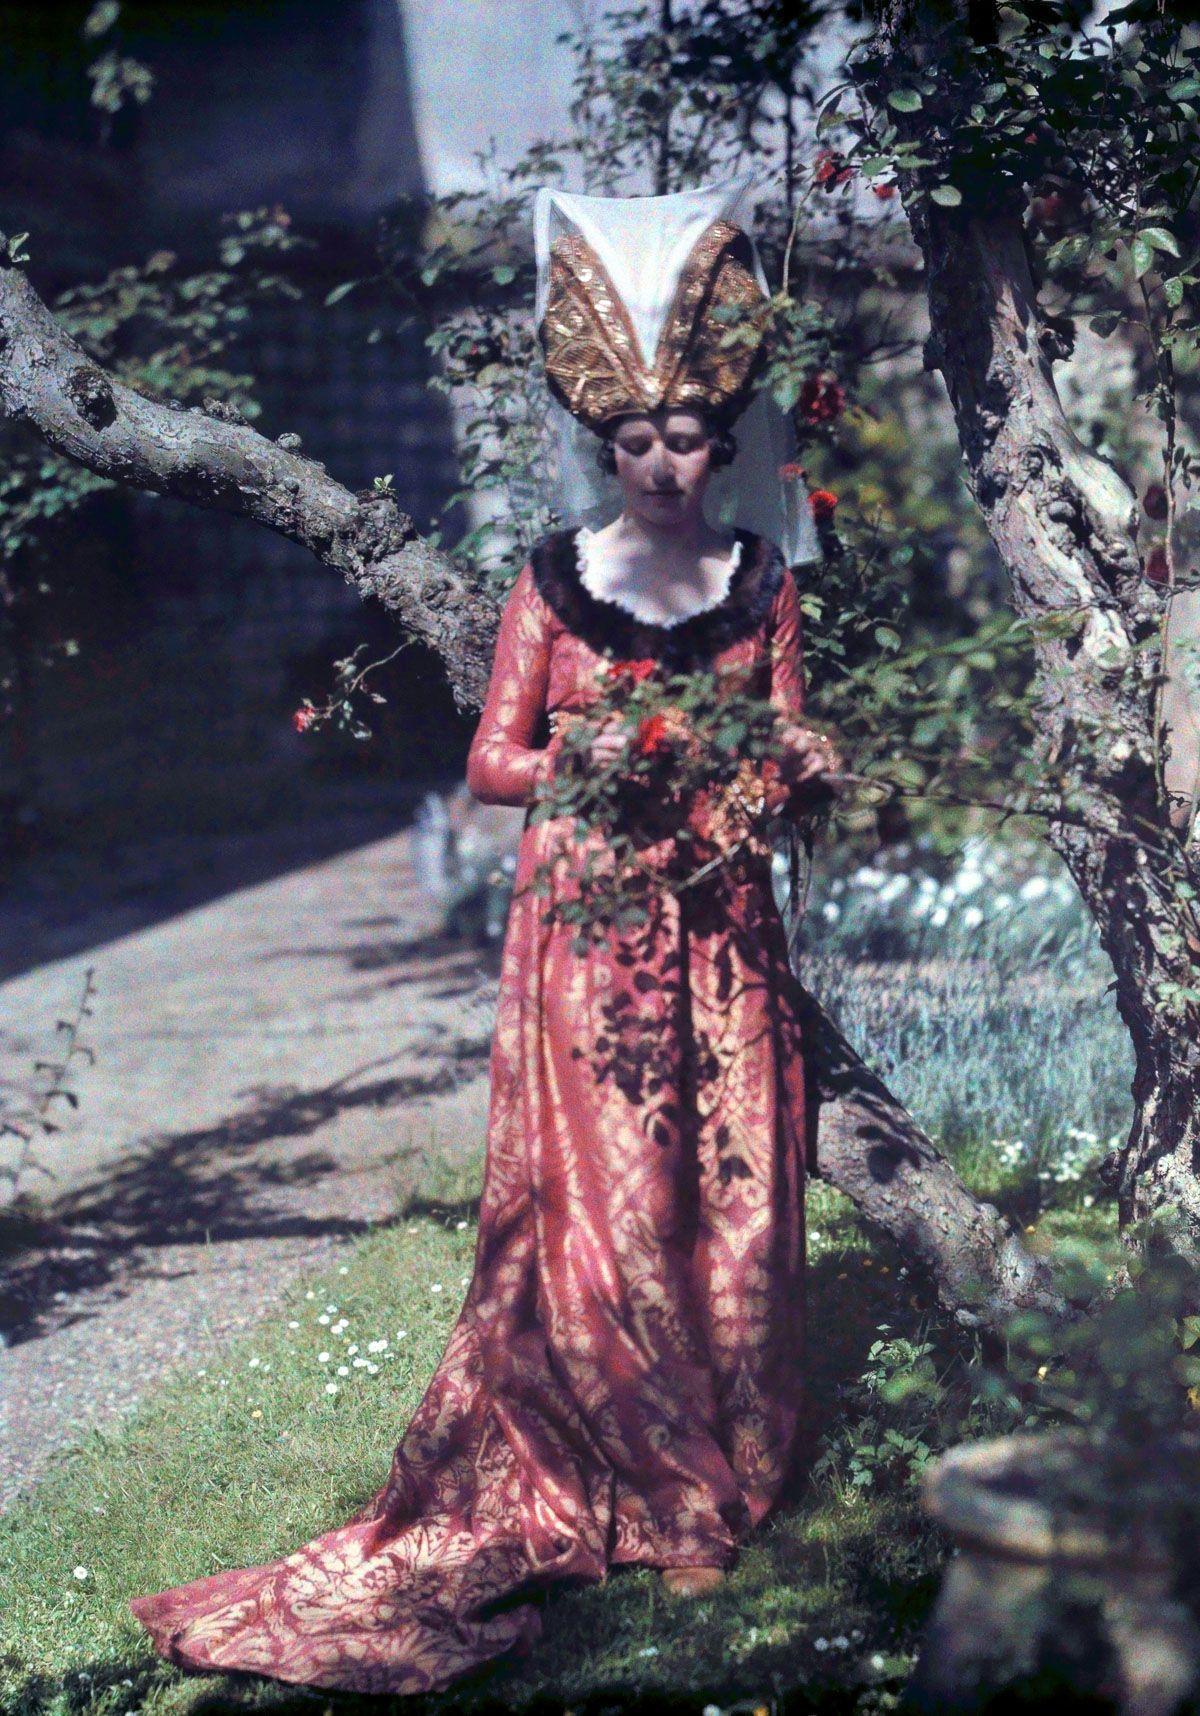 Este festival de 1936 de Joana d'Arc tinha cosplays muito bons inclusive para a atualidade 14